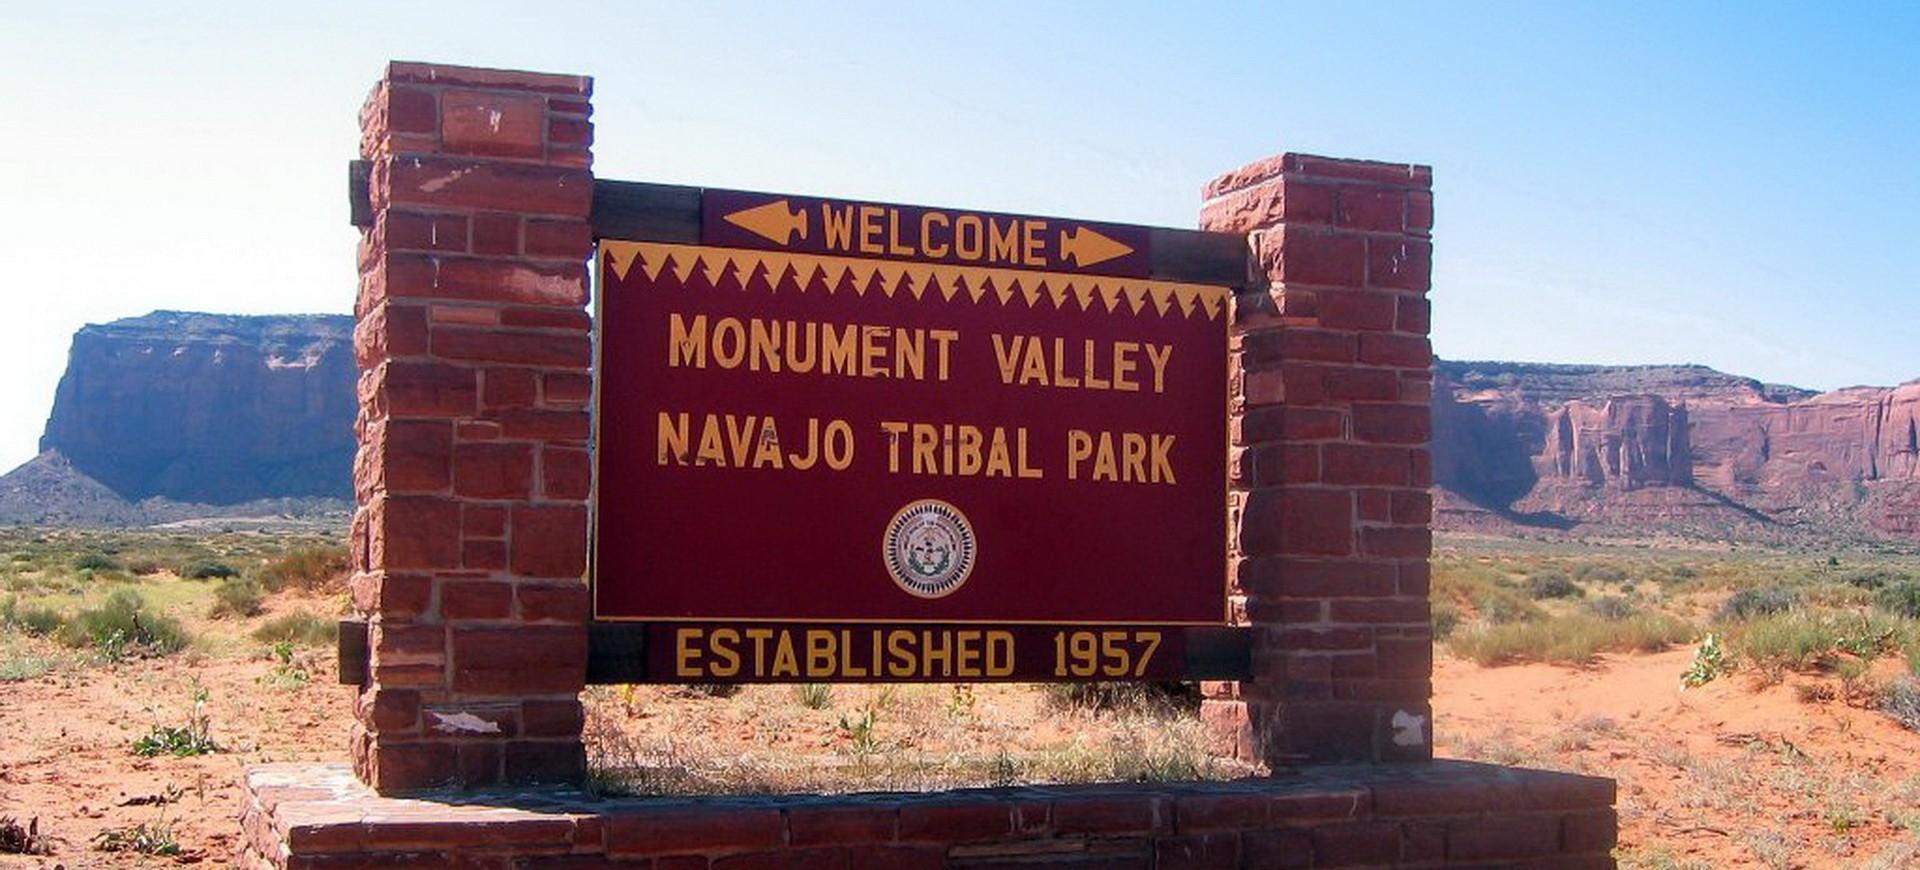 Monument Valley dans l'Arizona aux Etats Unis